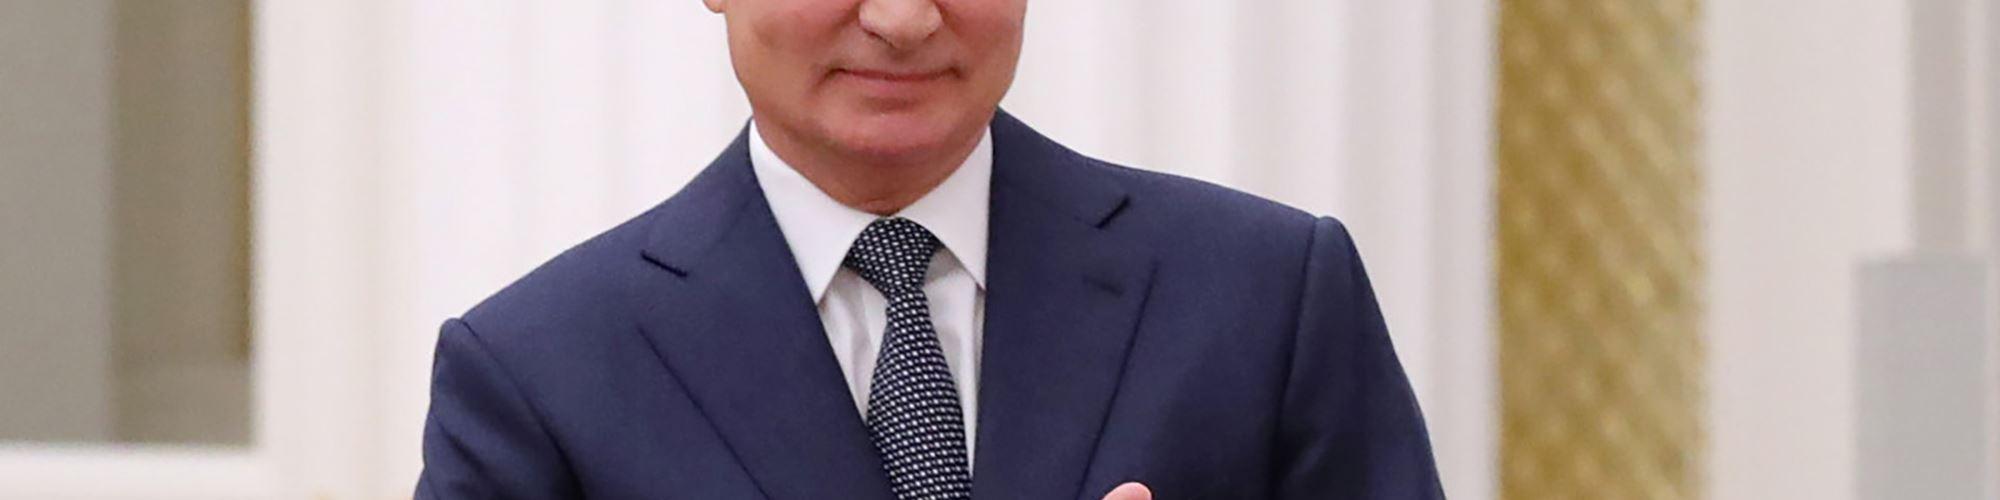 Vladimir Putin é nomeado para o Prémio Nobel da Paz de 2021